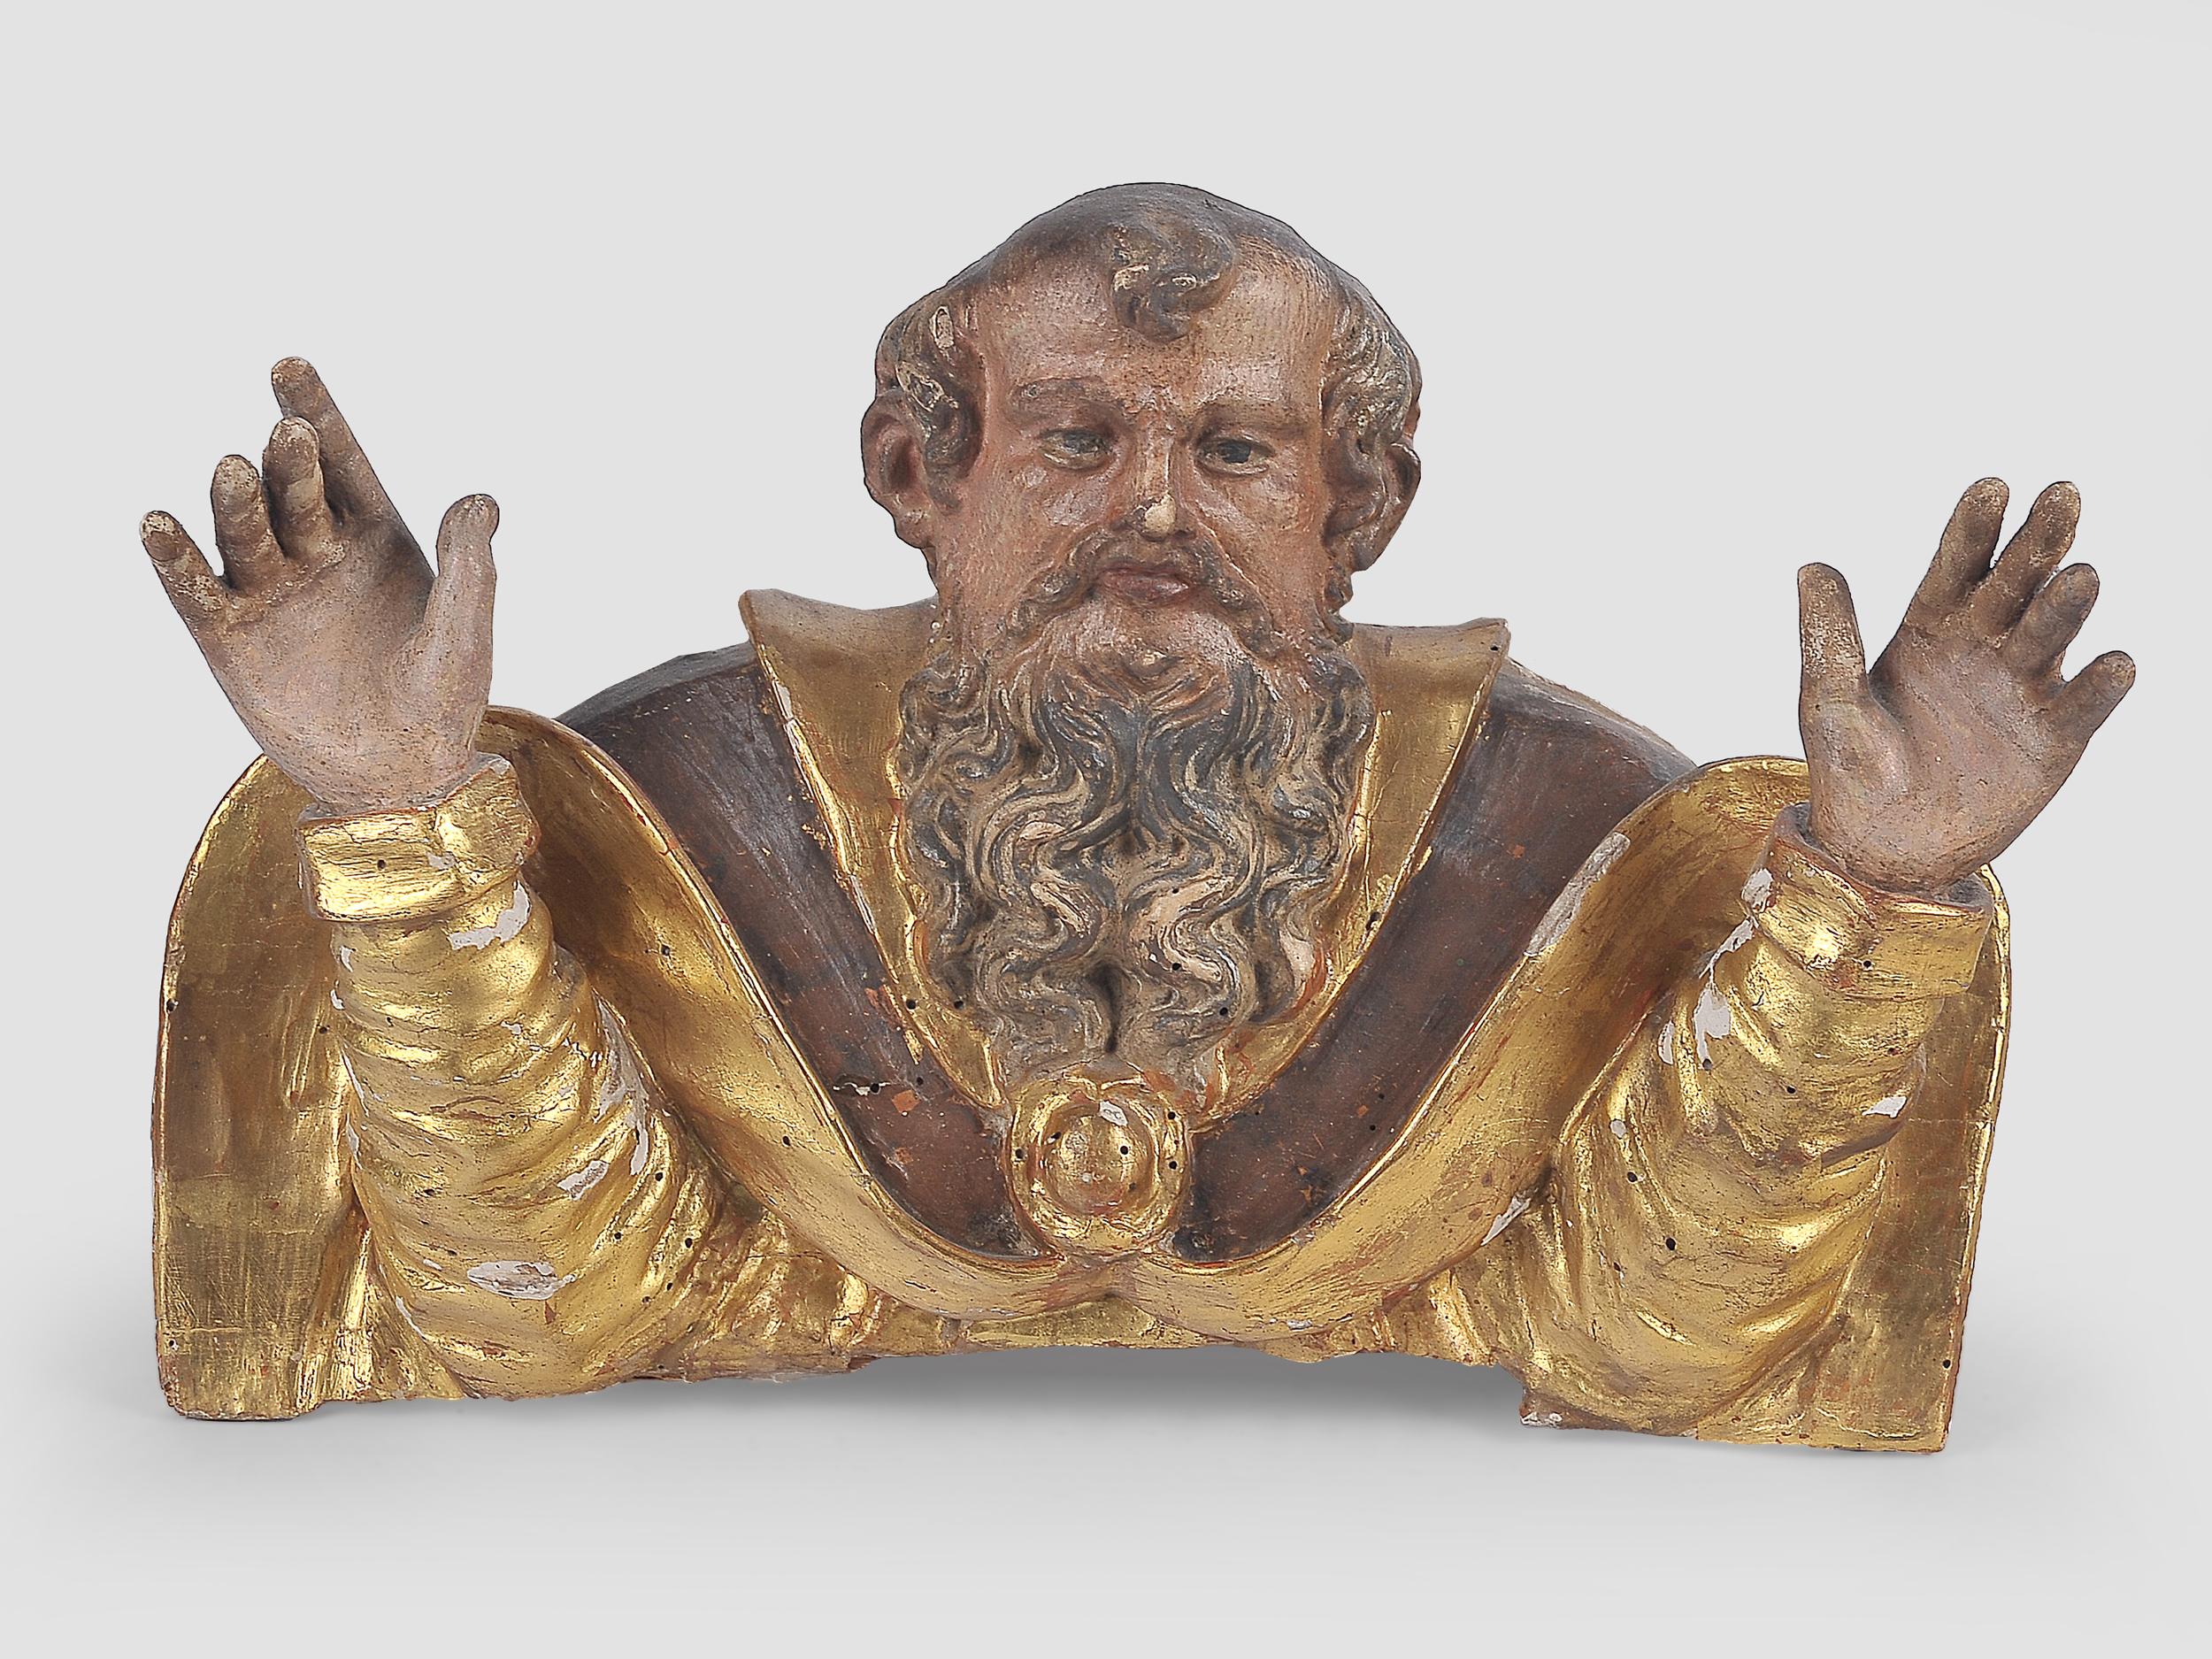 Gottvater, Barock, 17. Jahrhundert